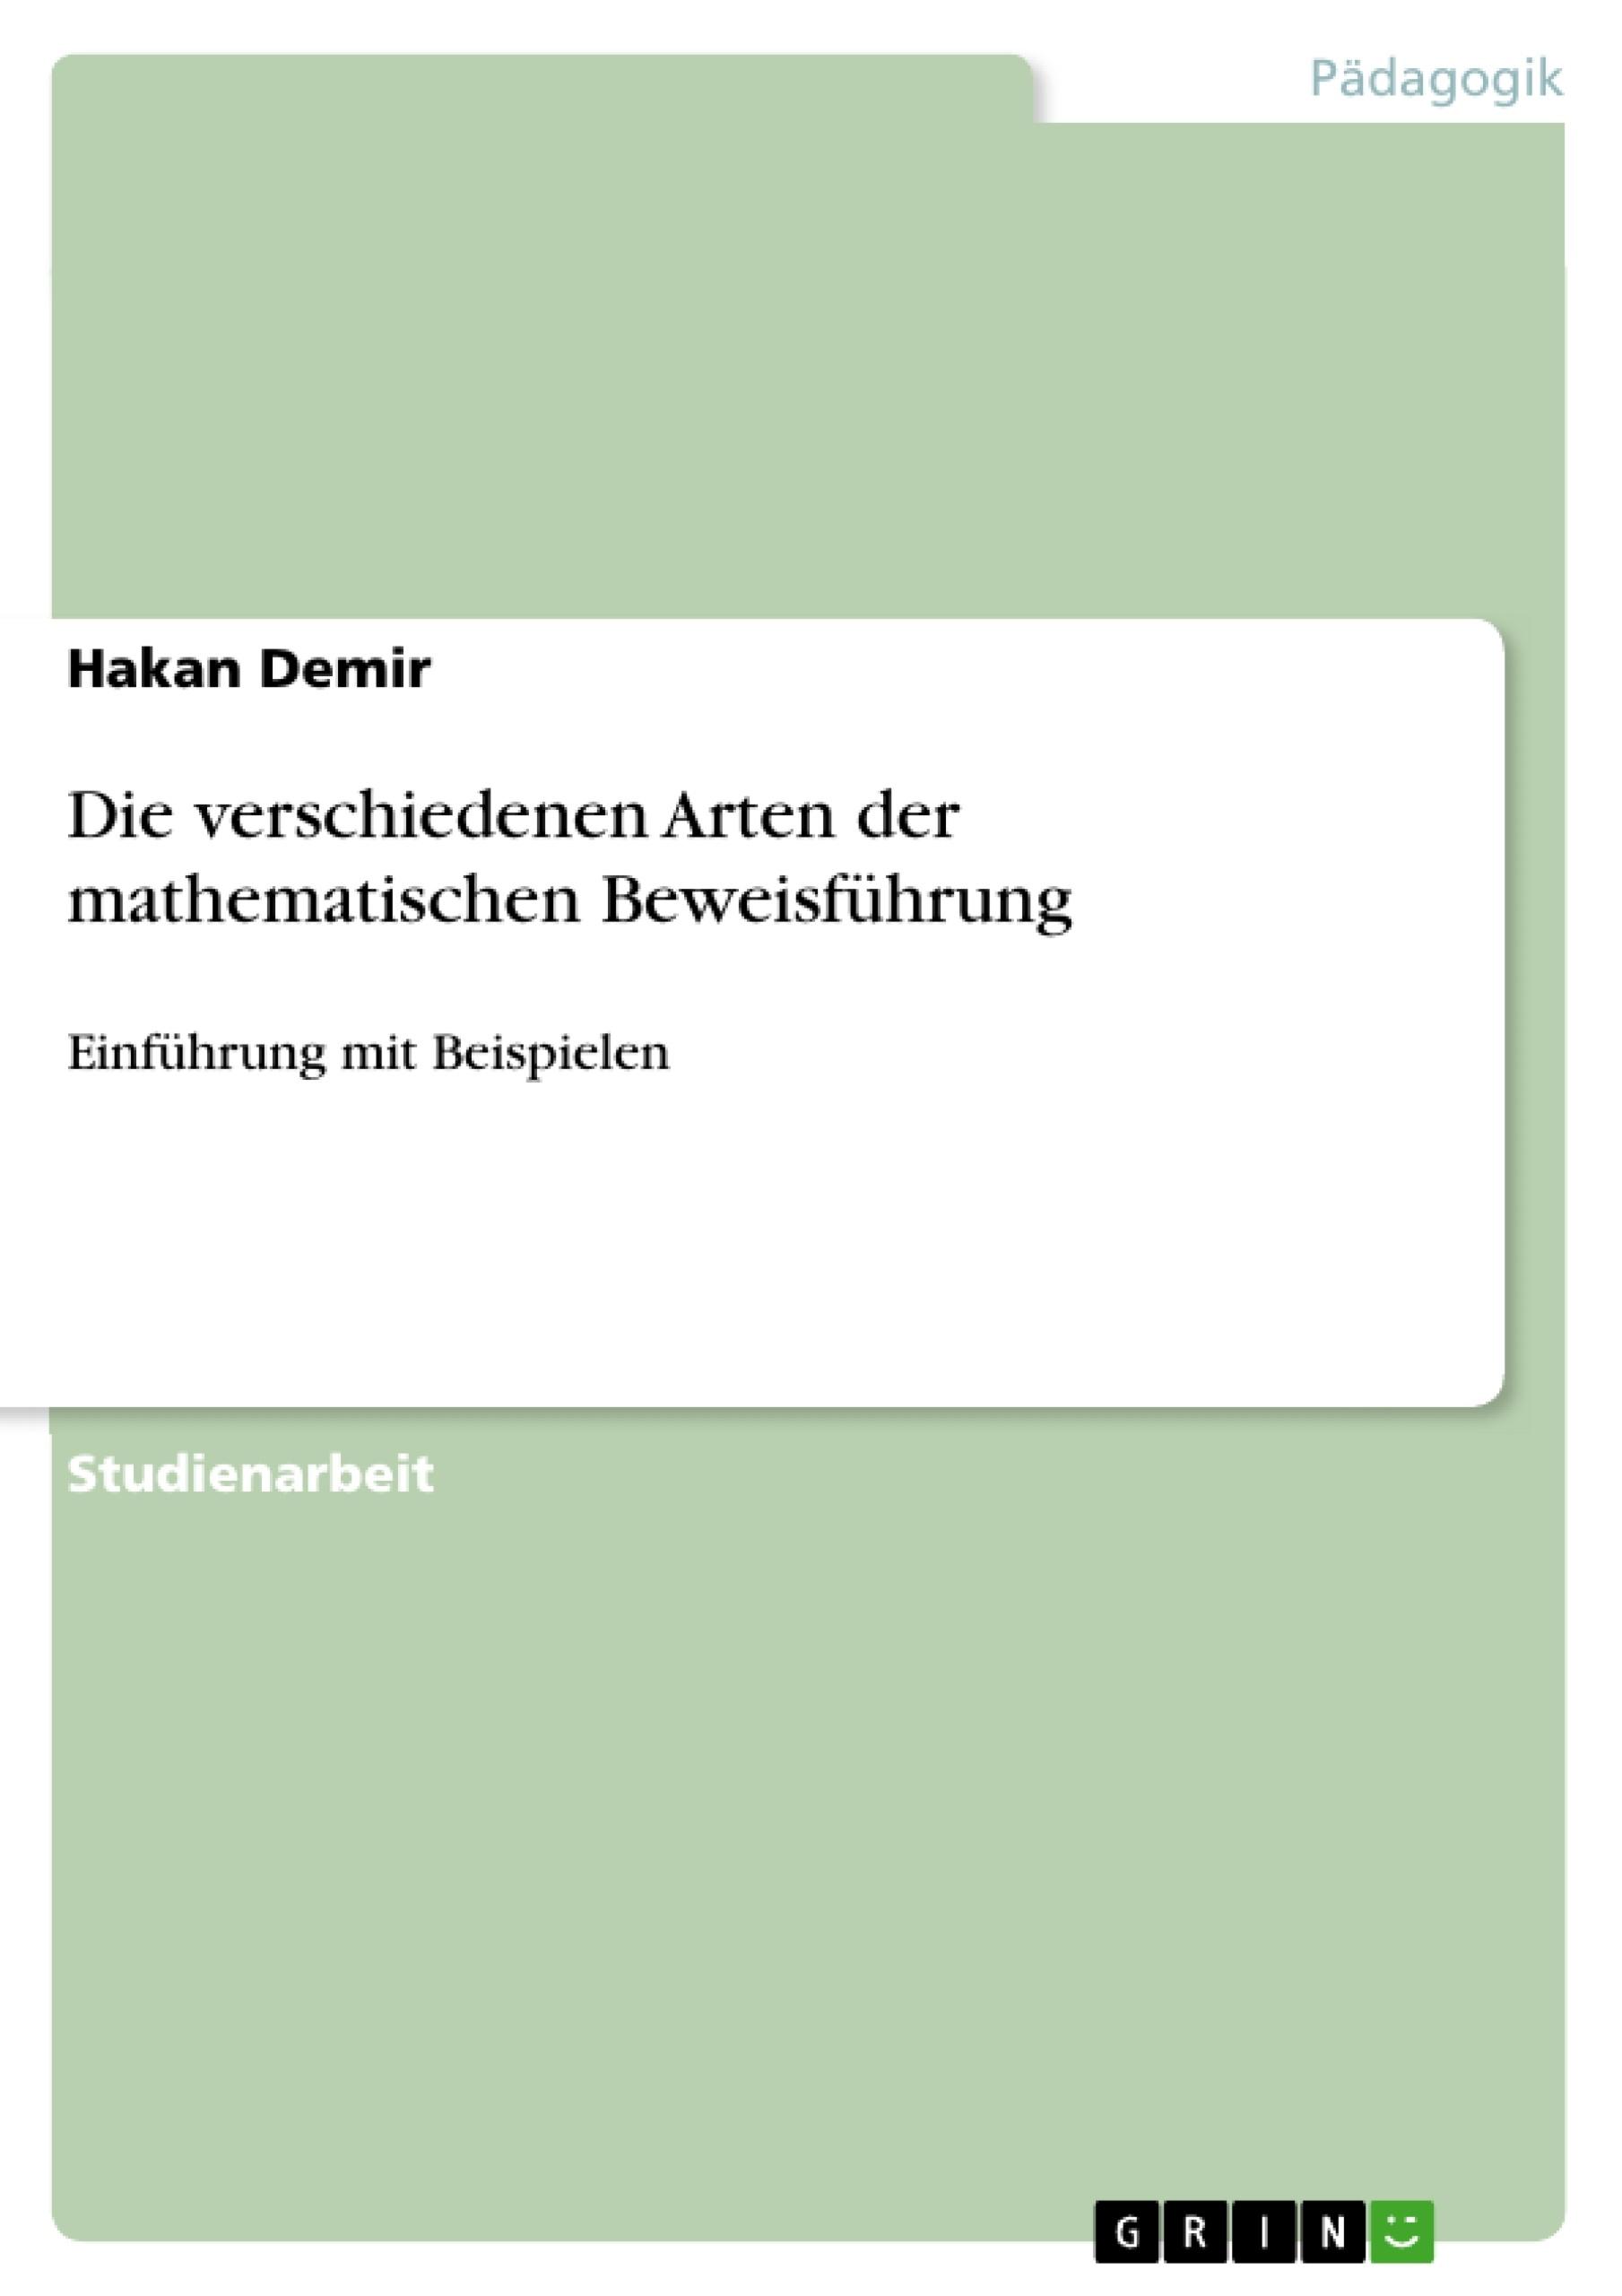 Titel: Die verschiedenen Arten der mathematischen Beweisführung